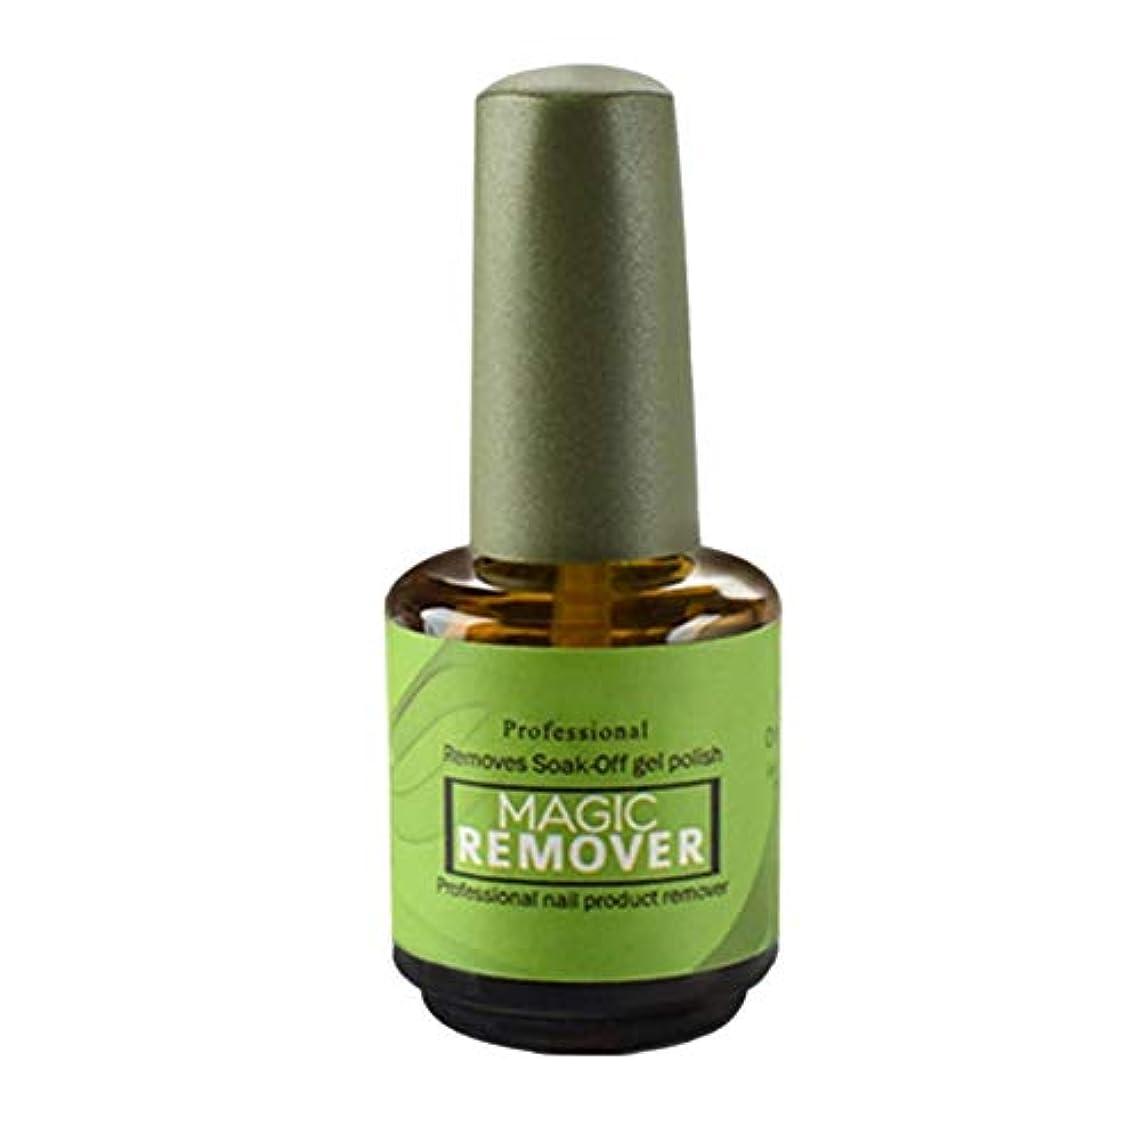 権威パトワ人工的なBeaurtty マジックリムーバーがネイルポリッシュを拭き取ると、ジェルプロフェッショナルバーストクリーン脱脂剤が除去されます